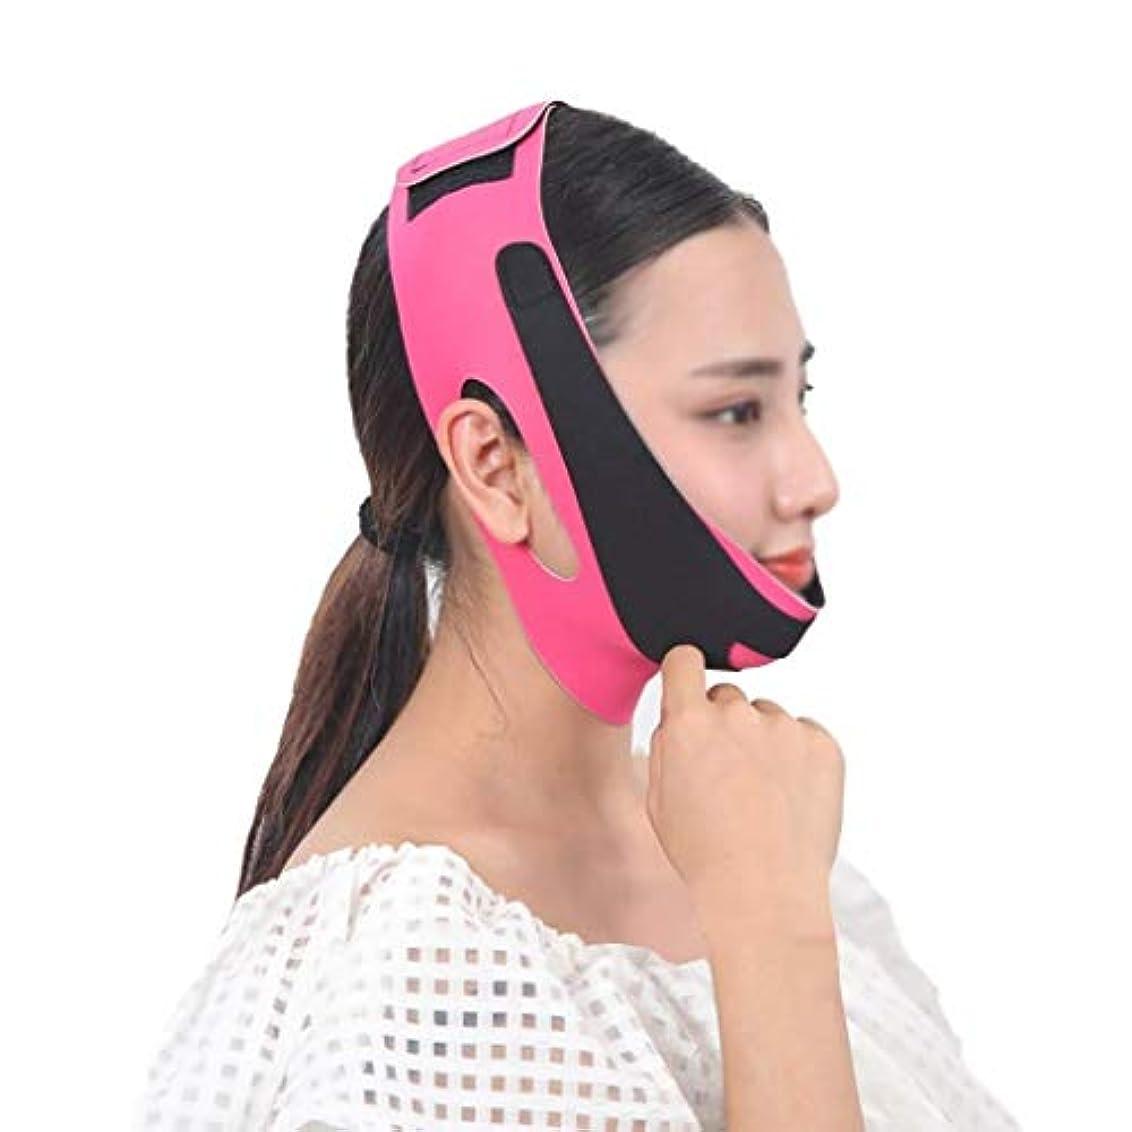 流暢世界の窓パニックフェイスアンドネックリフト術後弾性フェイスマスク小さなV顔アーティファクト薄い顔包帯アーティファクトV顔ぶら下げ耳リフティング引き締め薄い顔アーティファクト